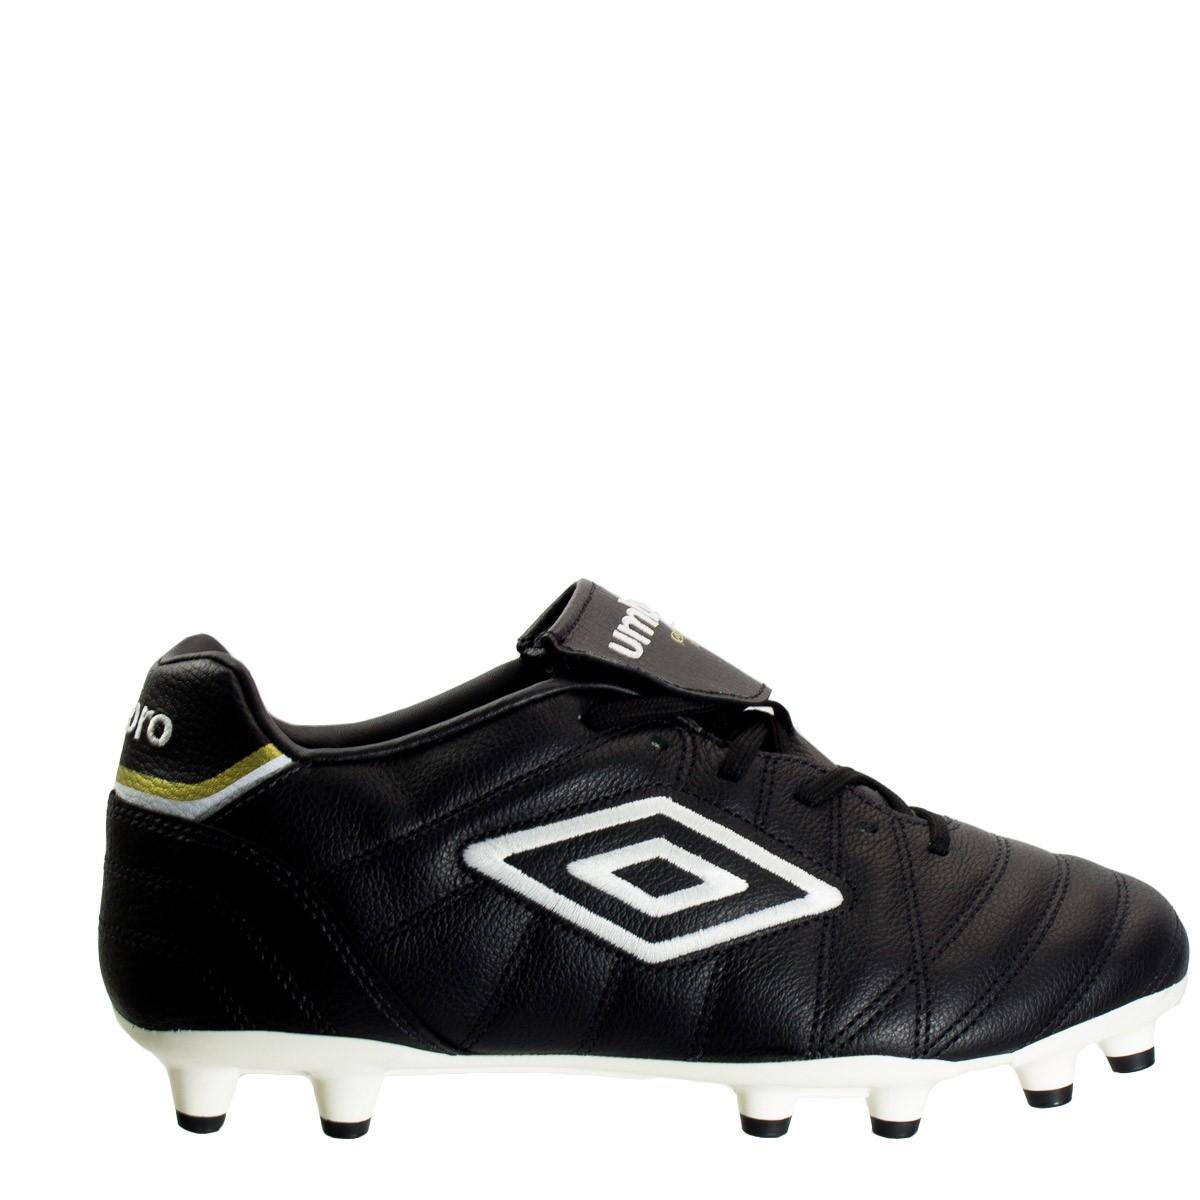 Bizz Store - Chuteira Futebol de Campo Umbro Speciali Premier a5f28068c24df